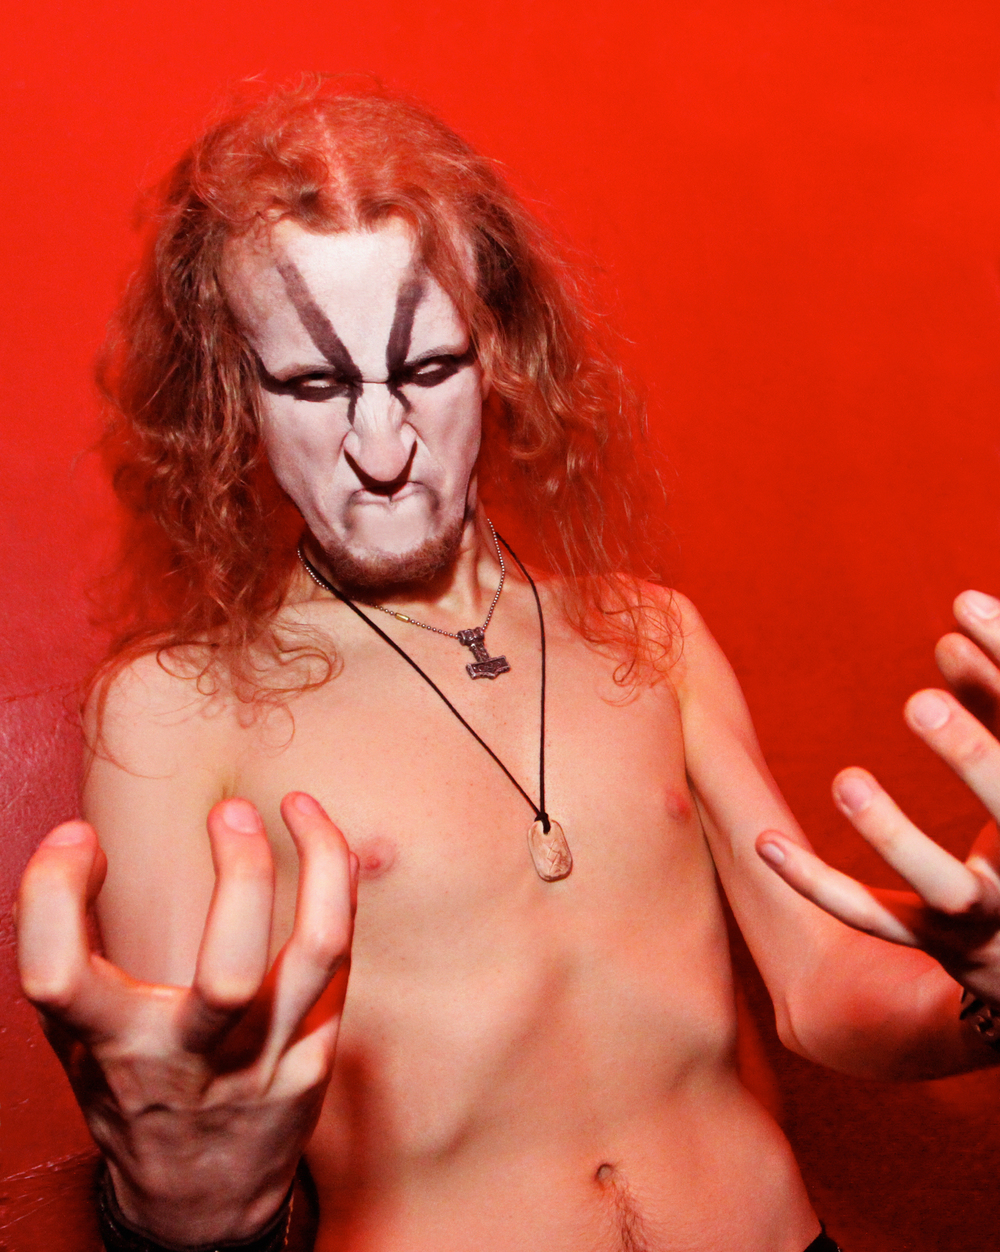 13-Death Metal.jpg